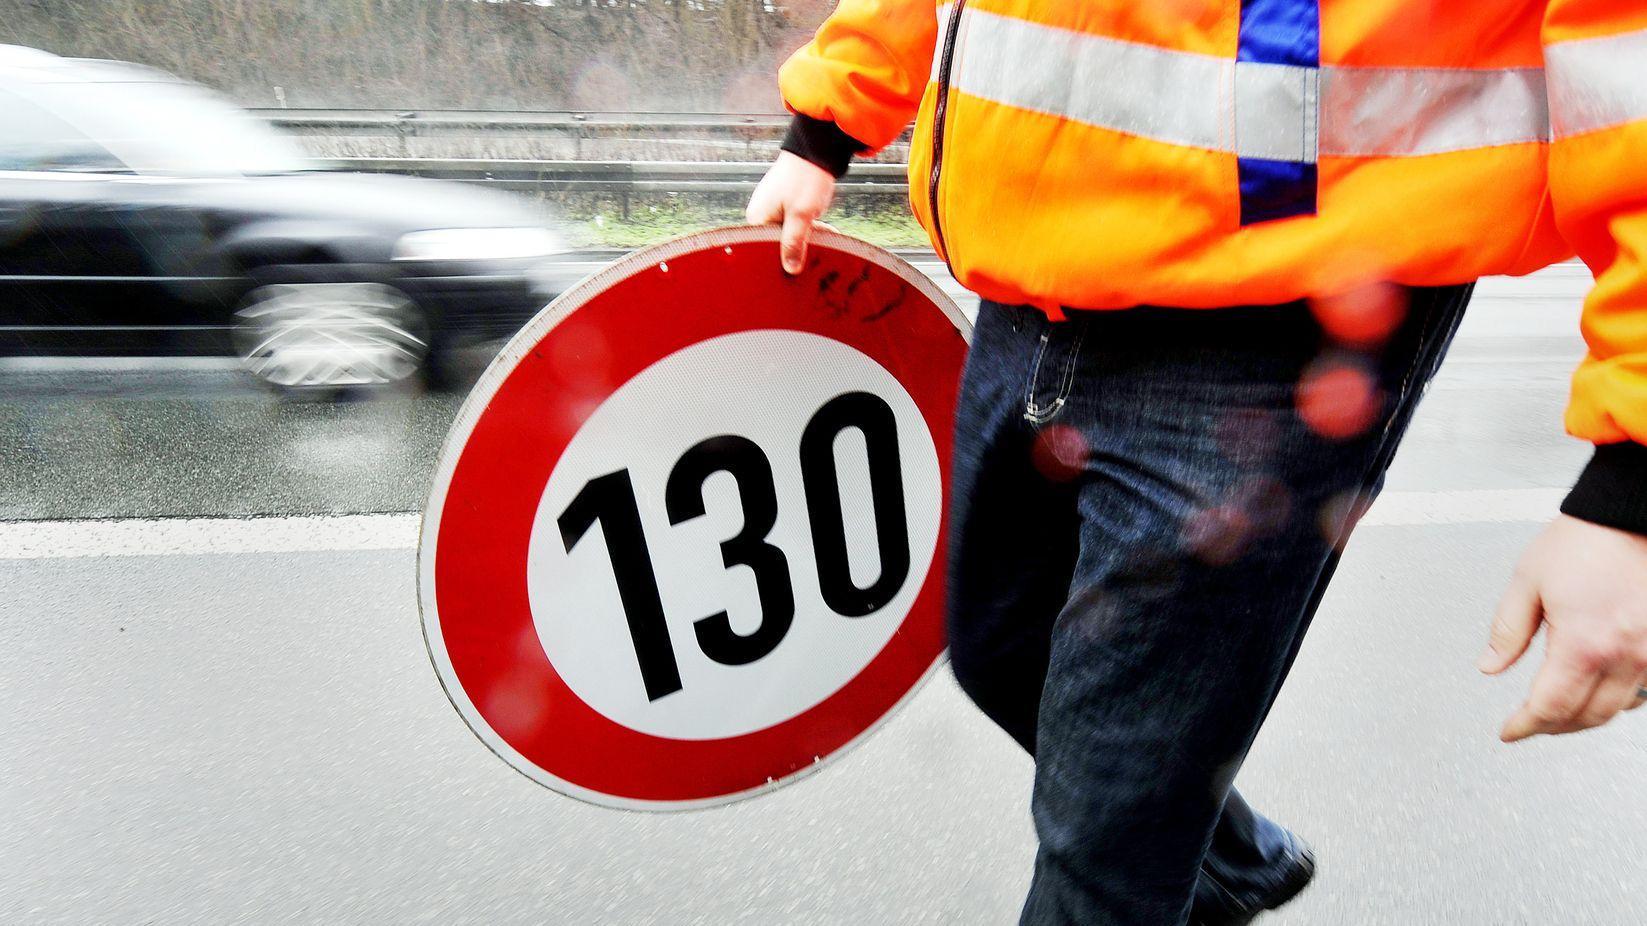 Seit Jahren wird über ein Tempolimit von 130 km/h gestritten.